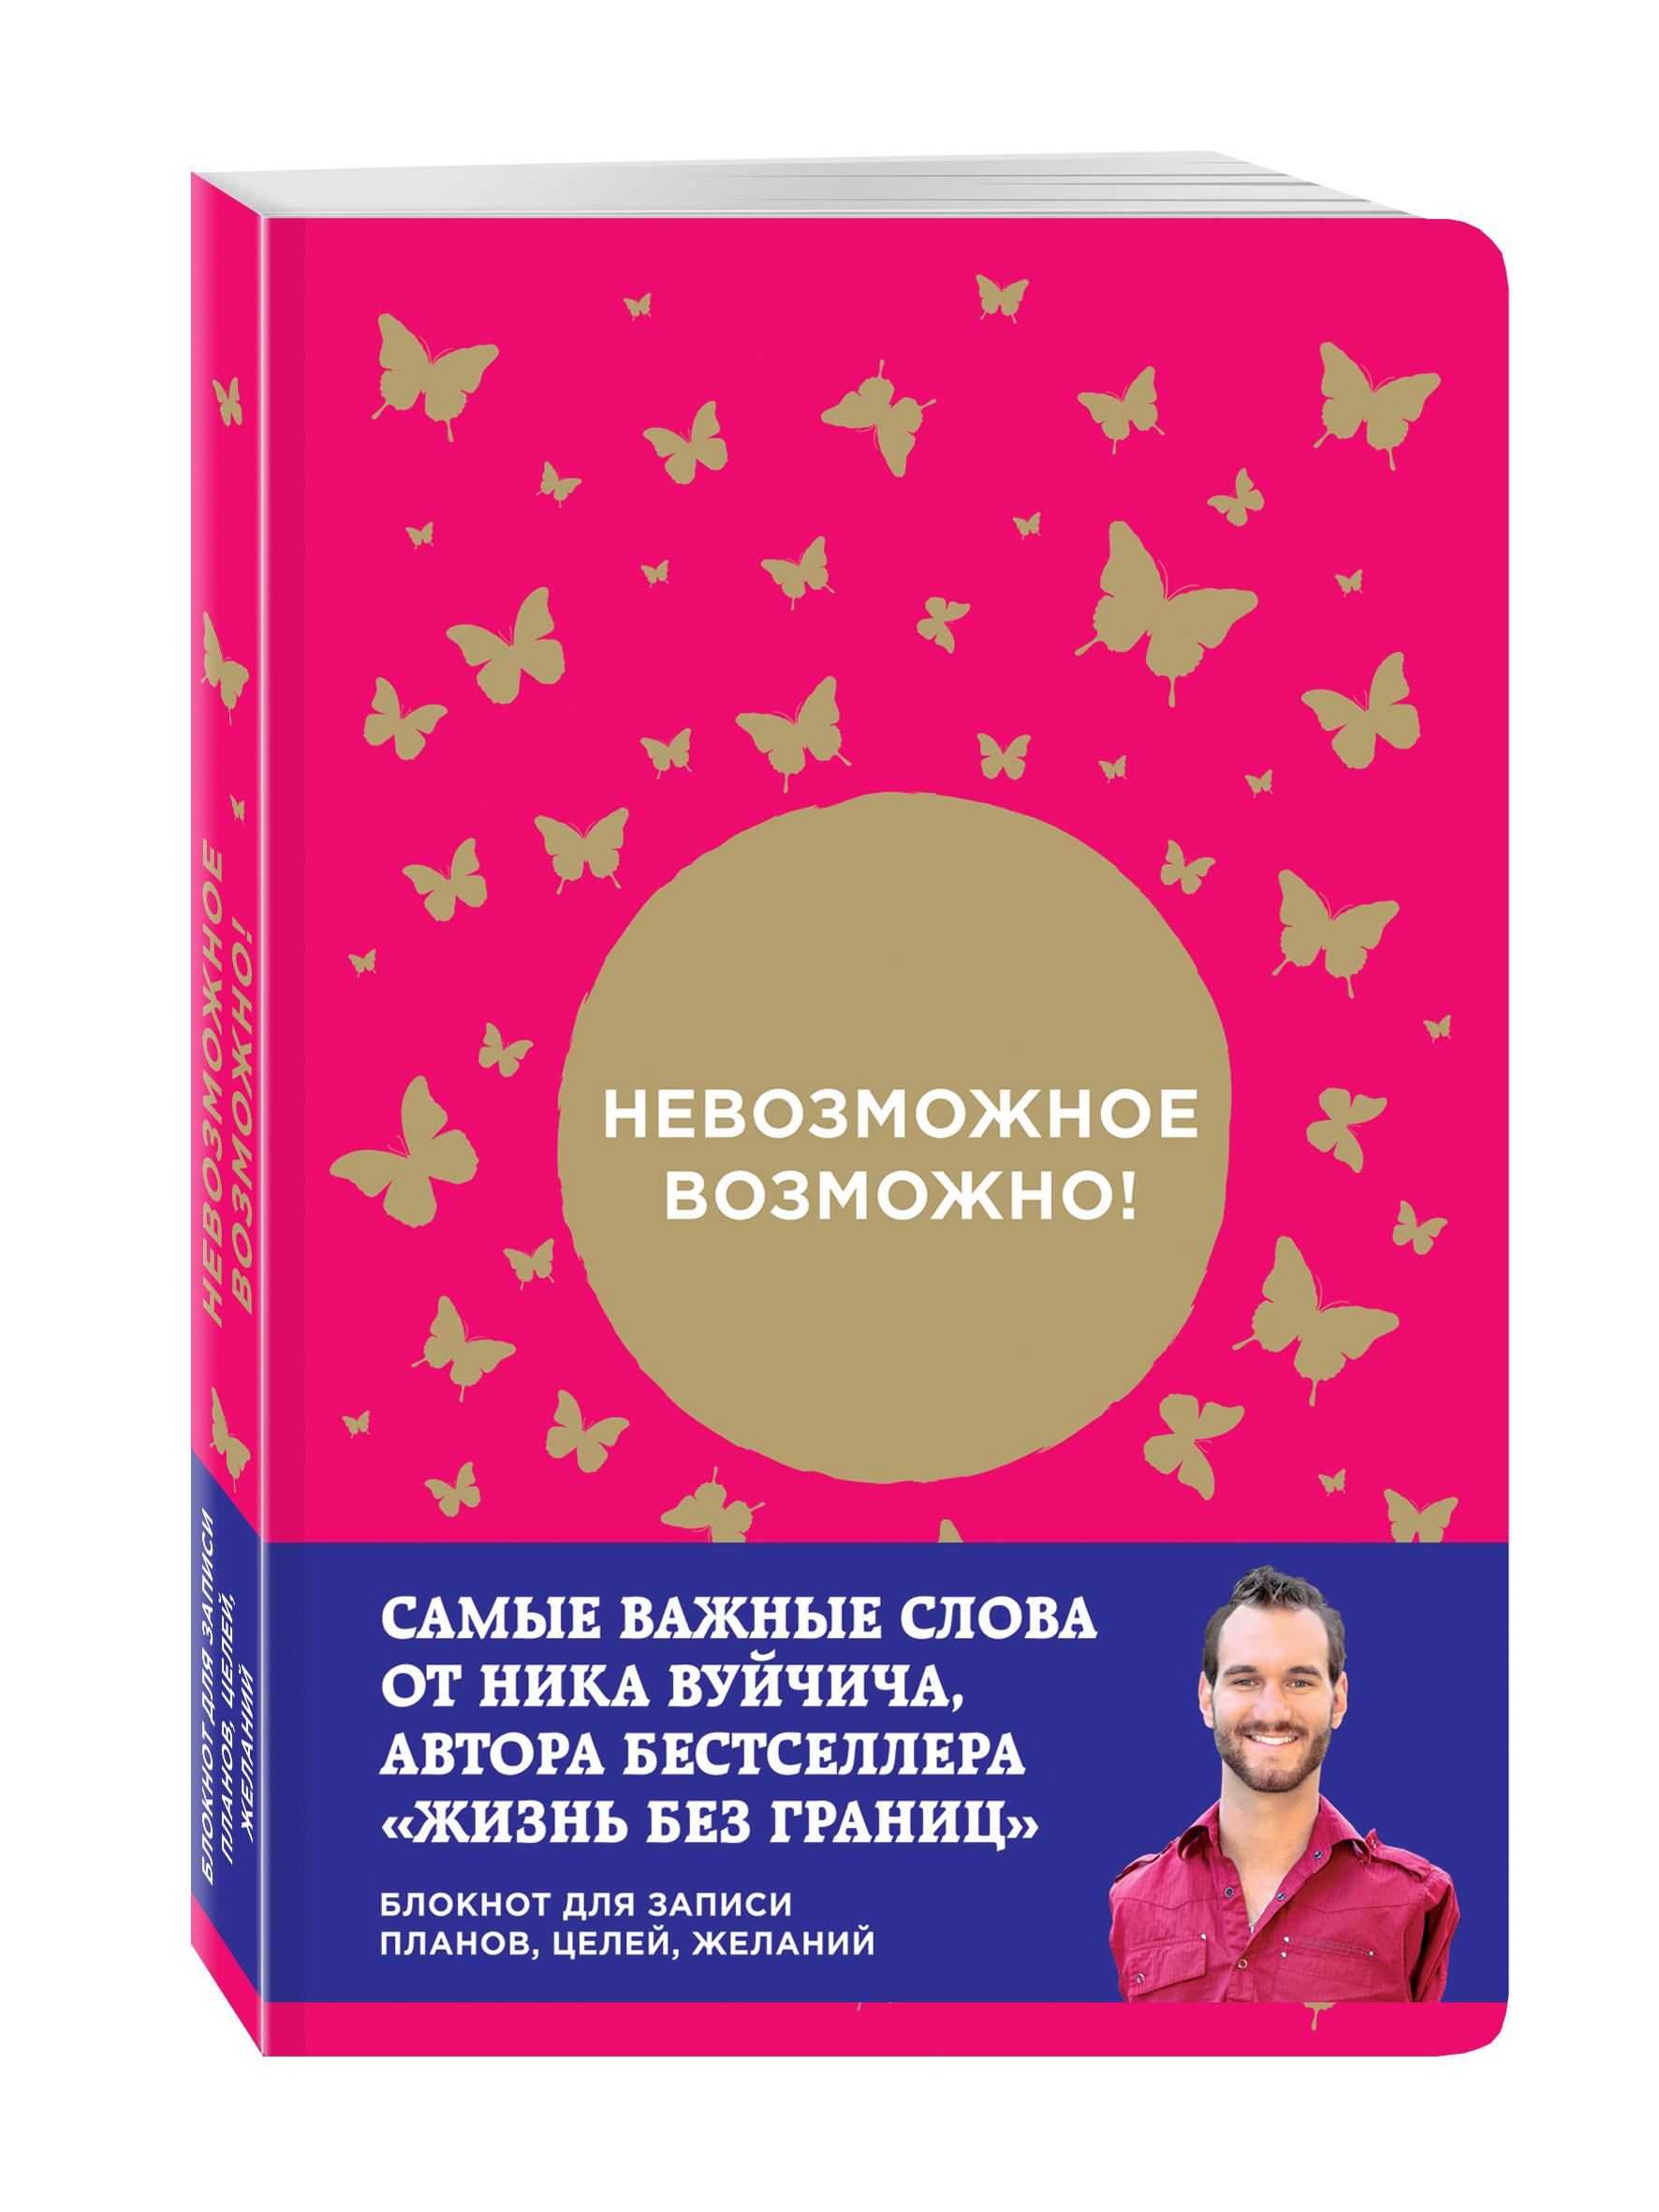 Вуйчич Н. Невозможное возможно! Блокнот для записи планов, целей, желаний от Ника Вуйчича cd rom mp3 жизнь без границ путь к потрясающе счастливой жизни